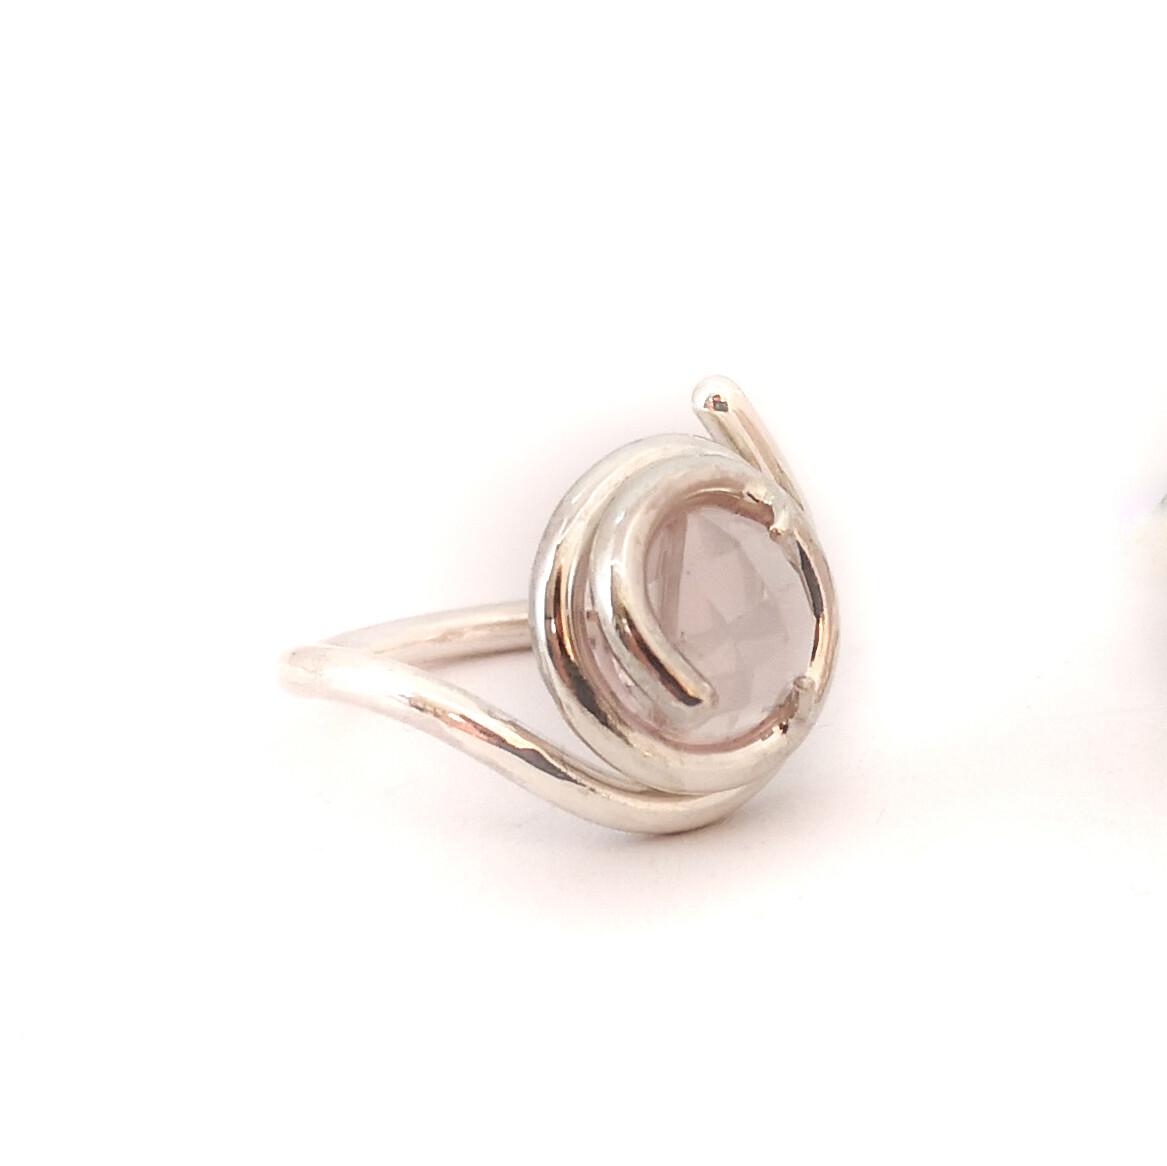 Bague Mini Bloomsbury - Argent et quartz rose